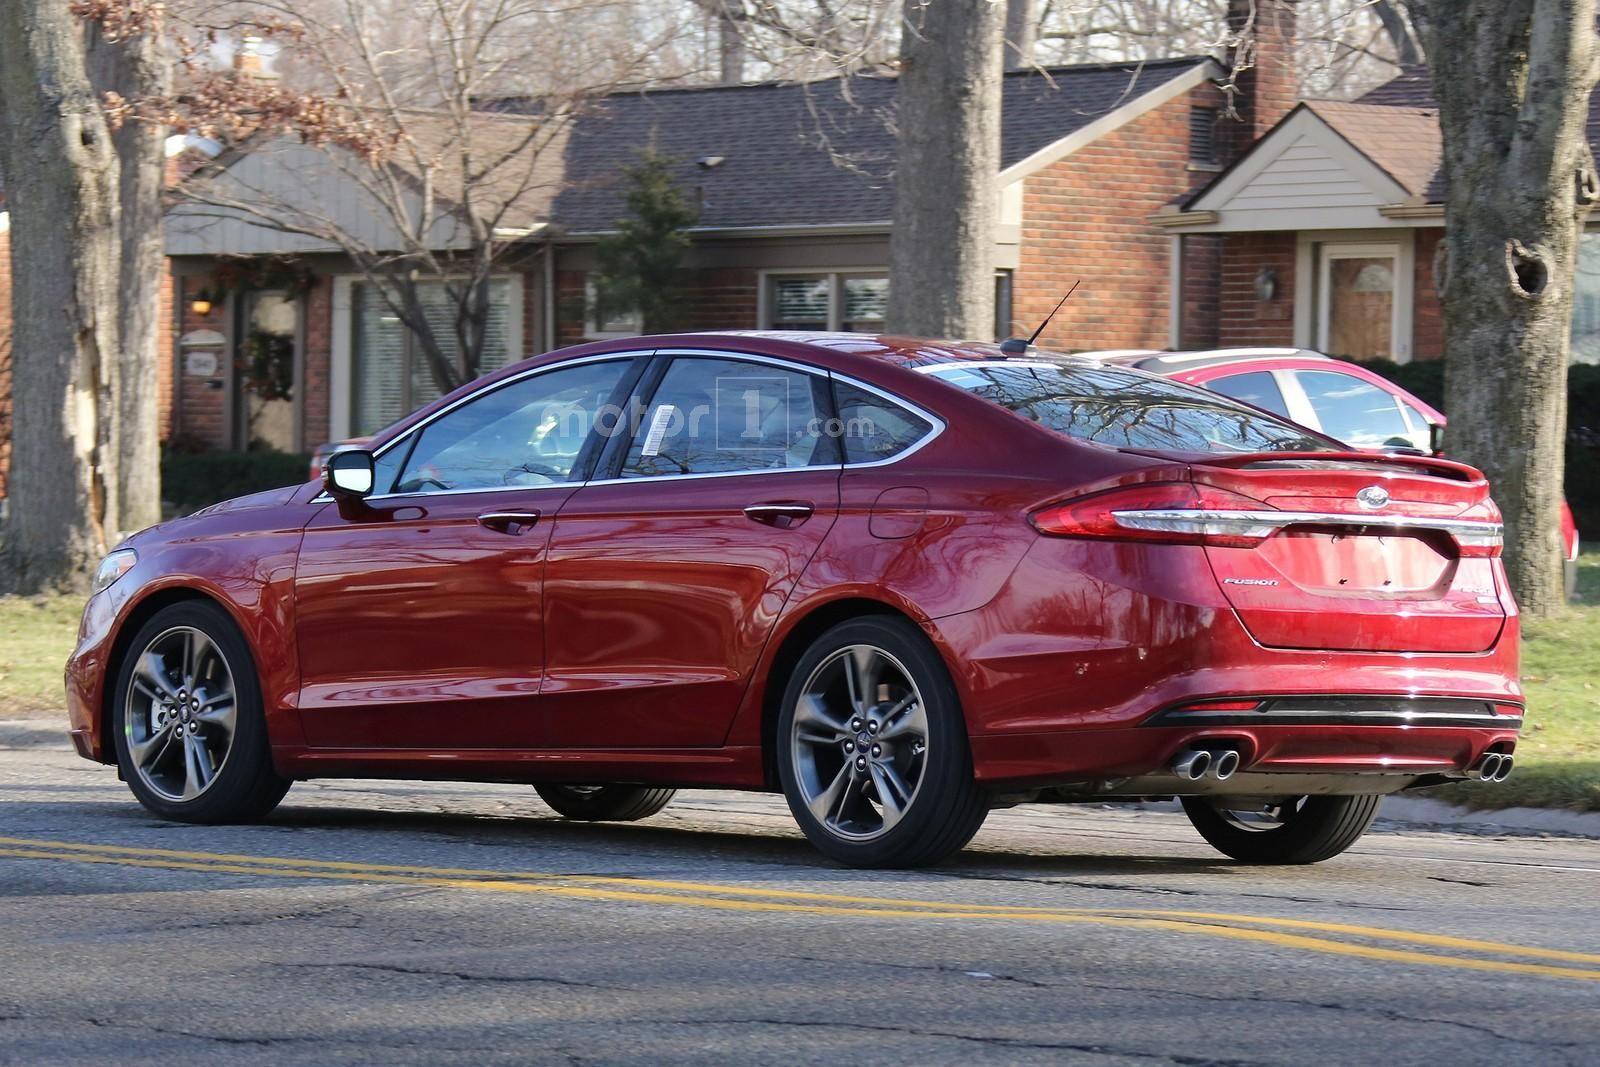 2018 Mondeo Facelift >> Ist das das nächste Ford Mondeo Facelift? - ALLES AUTO